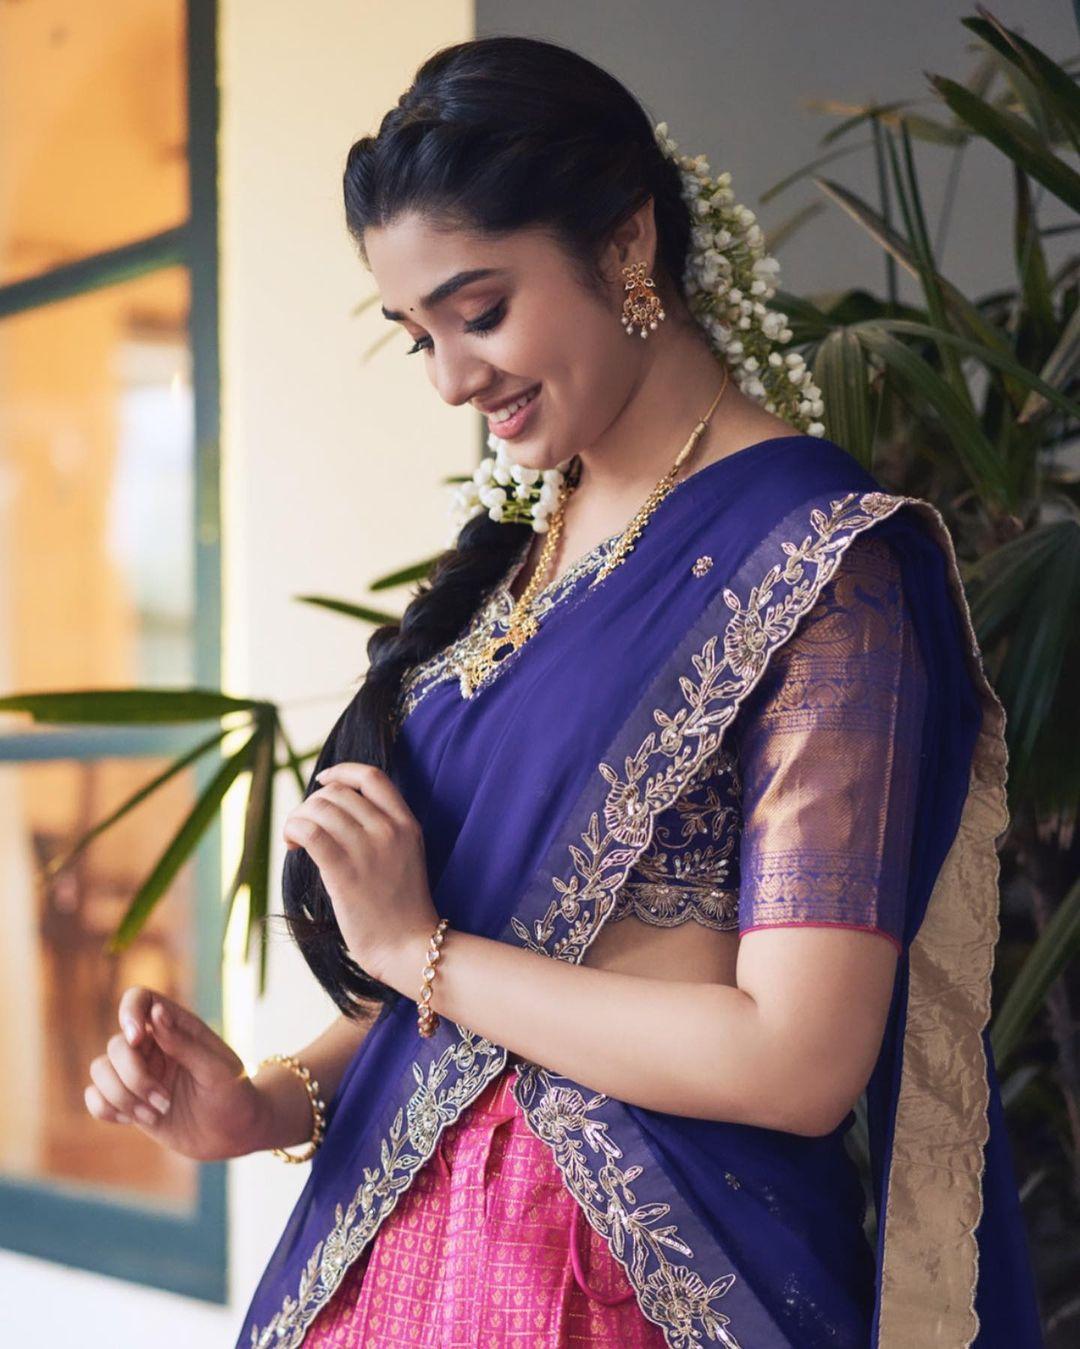 కృతి శెట్టి క్యూట్ పిక్స్ | Krithi Shetty alias Advaitha Latest Photos